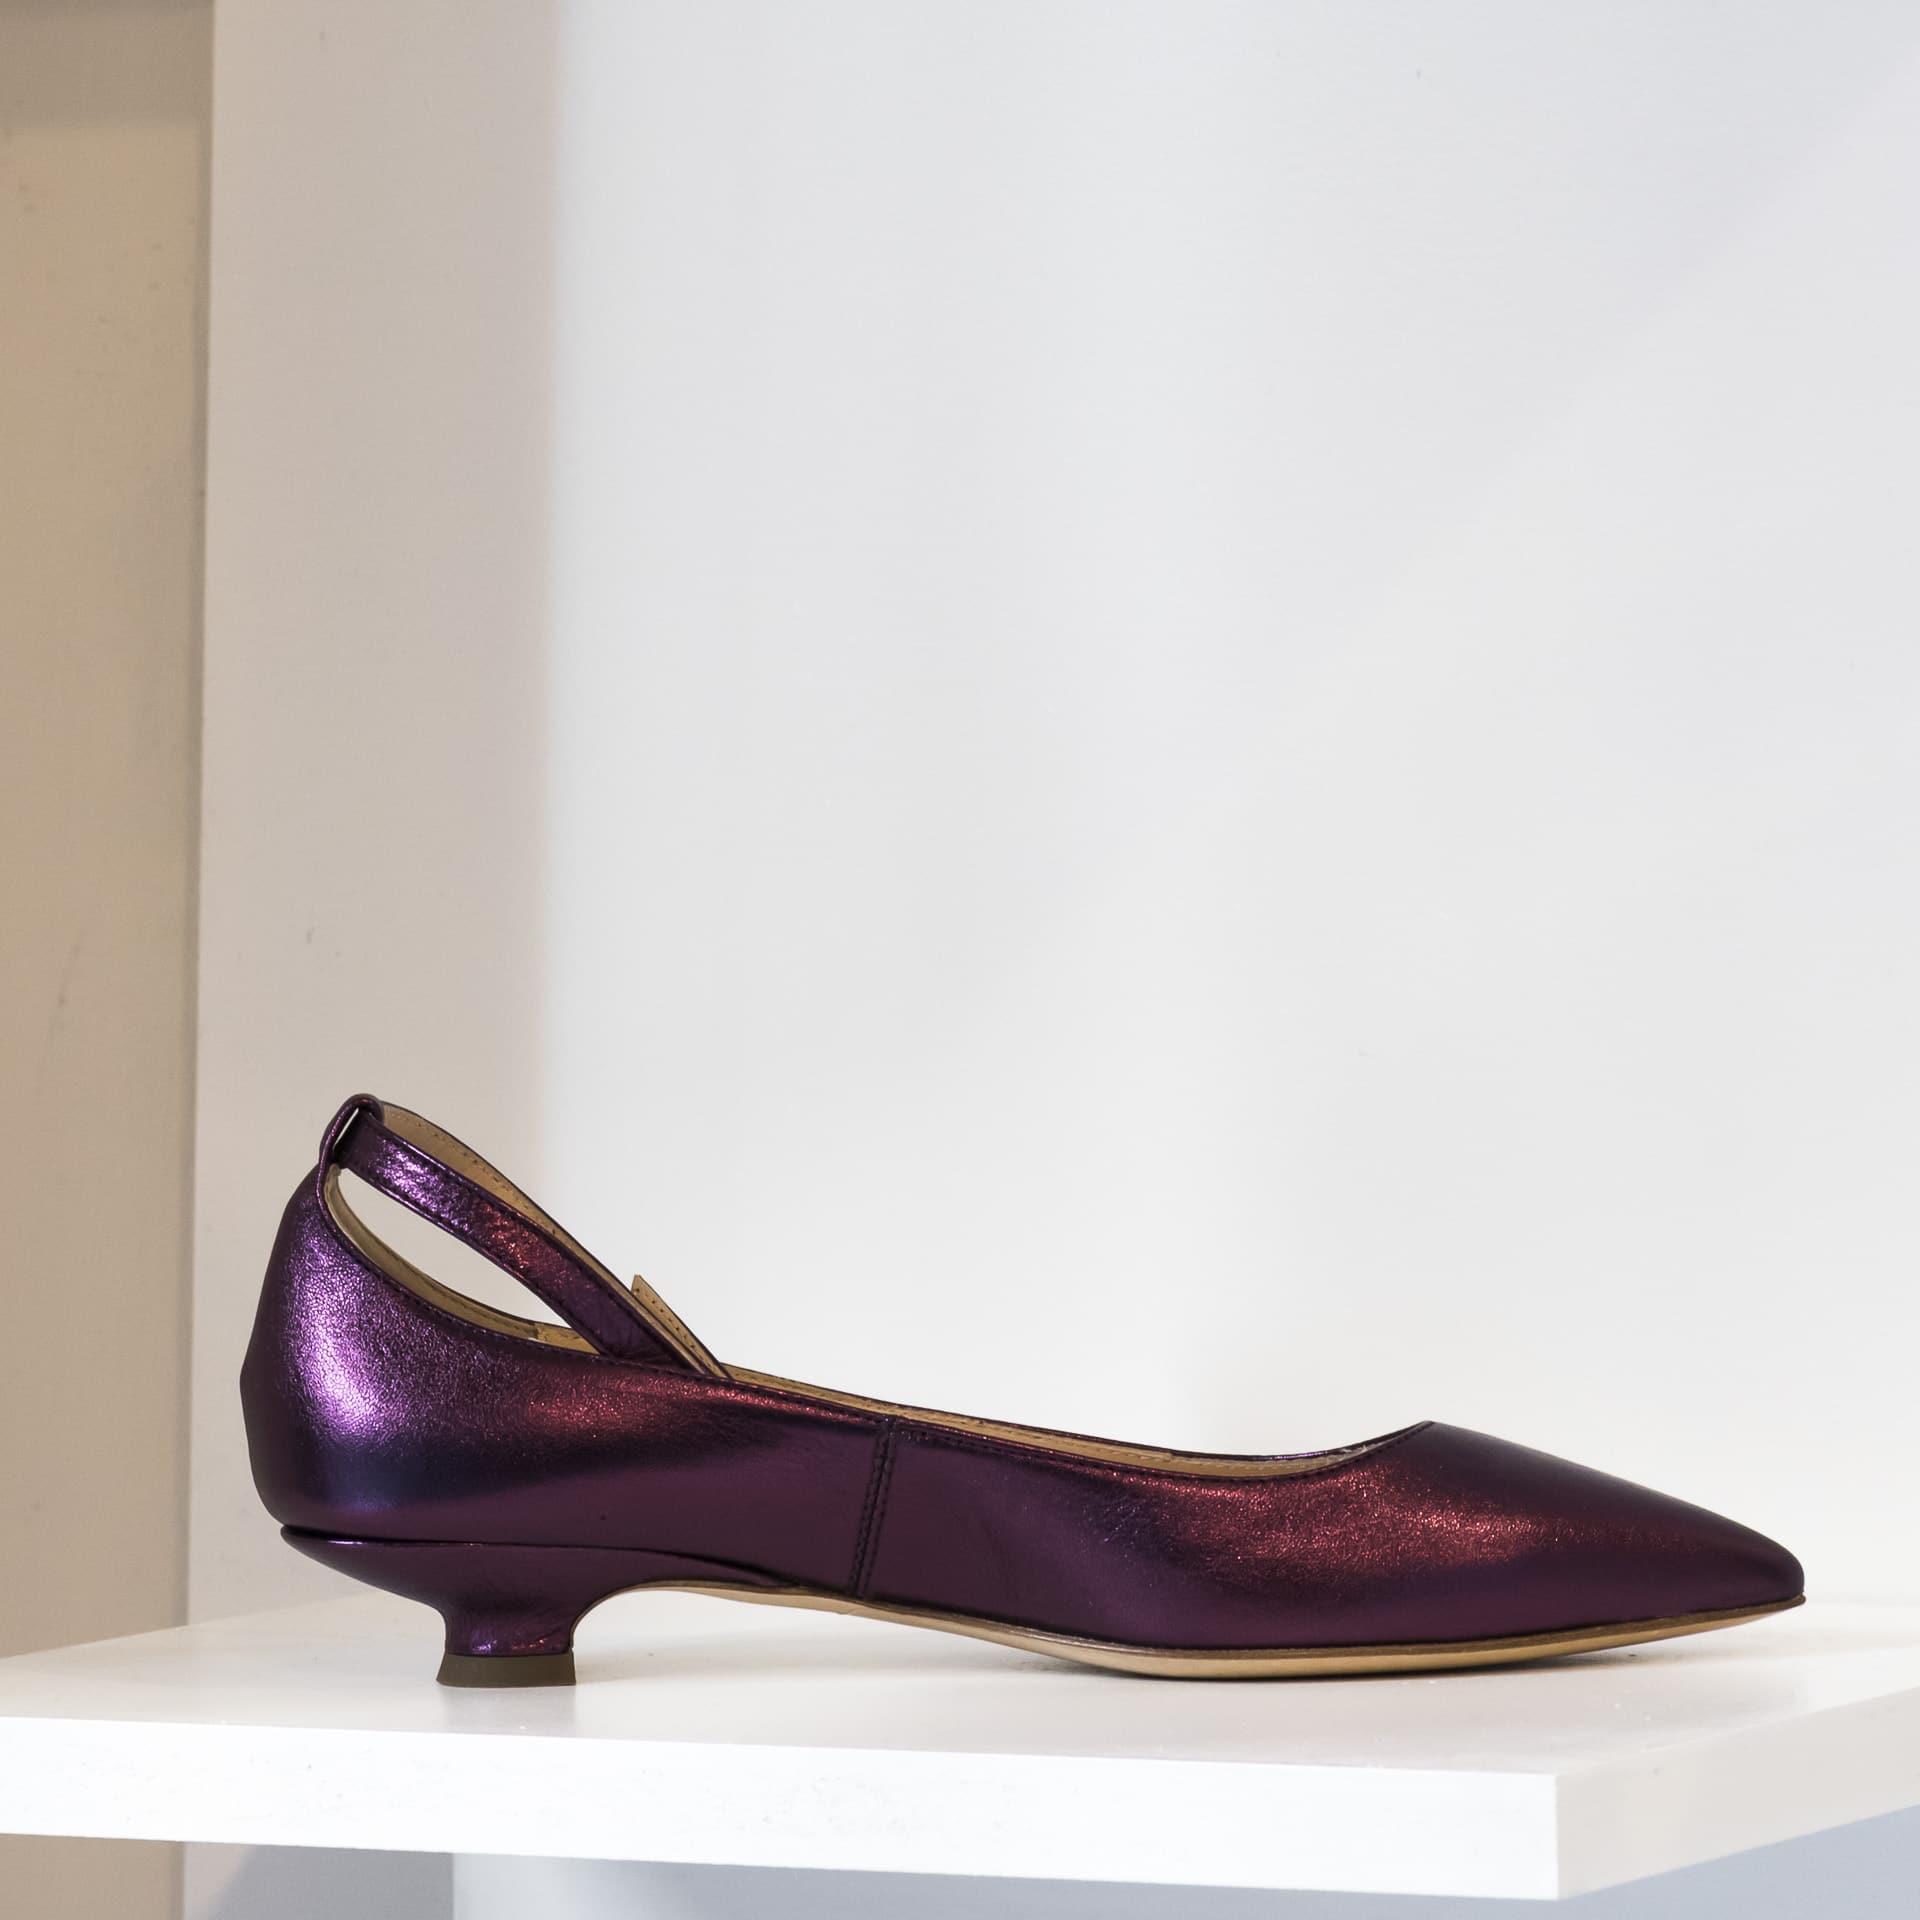 La belle Shoes ballerina (2)